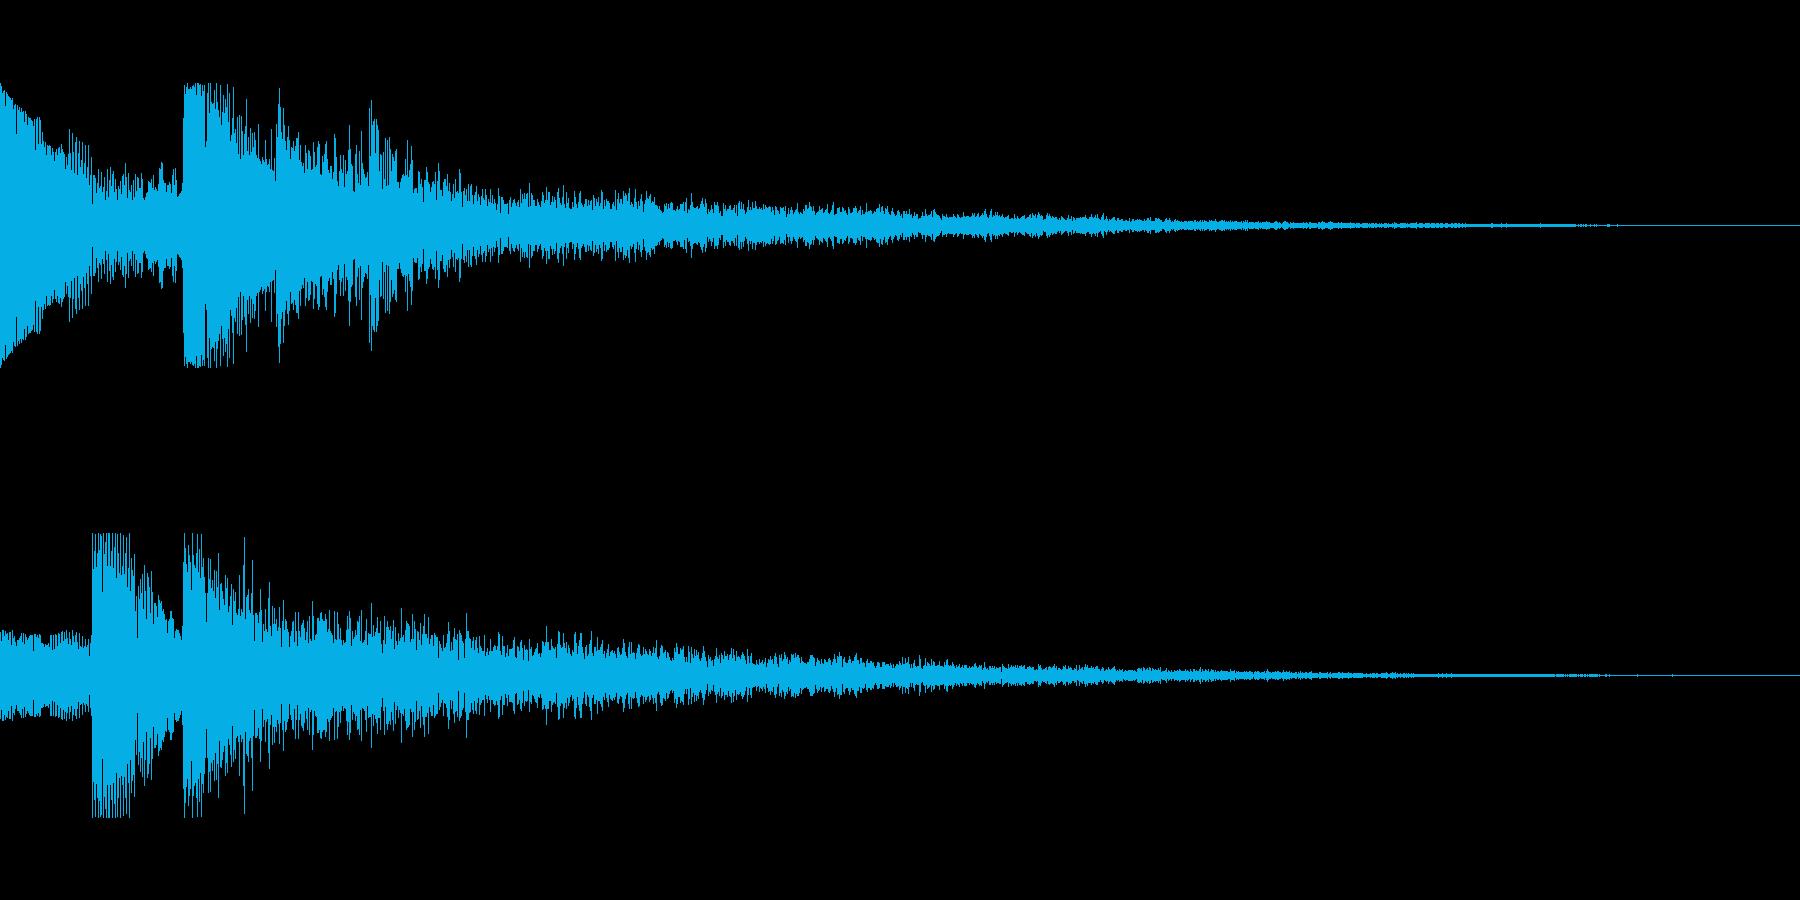 [ピロリン]スキル獲得(可愛く軽やか)の再生済みの波形